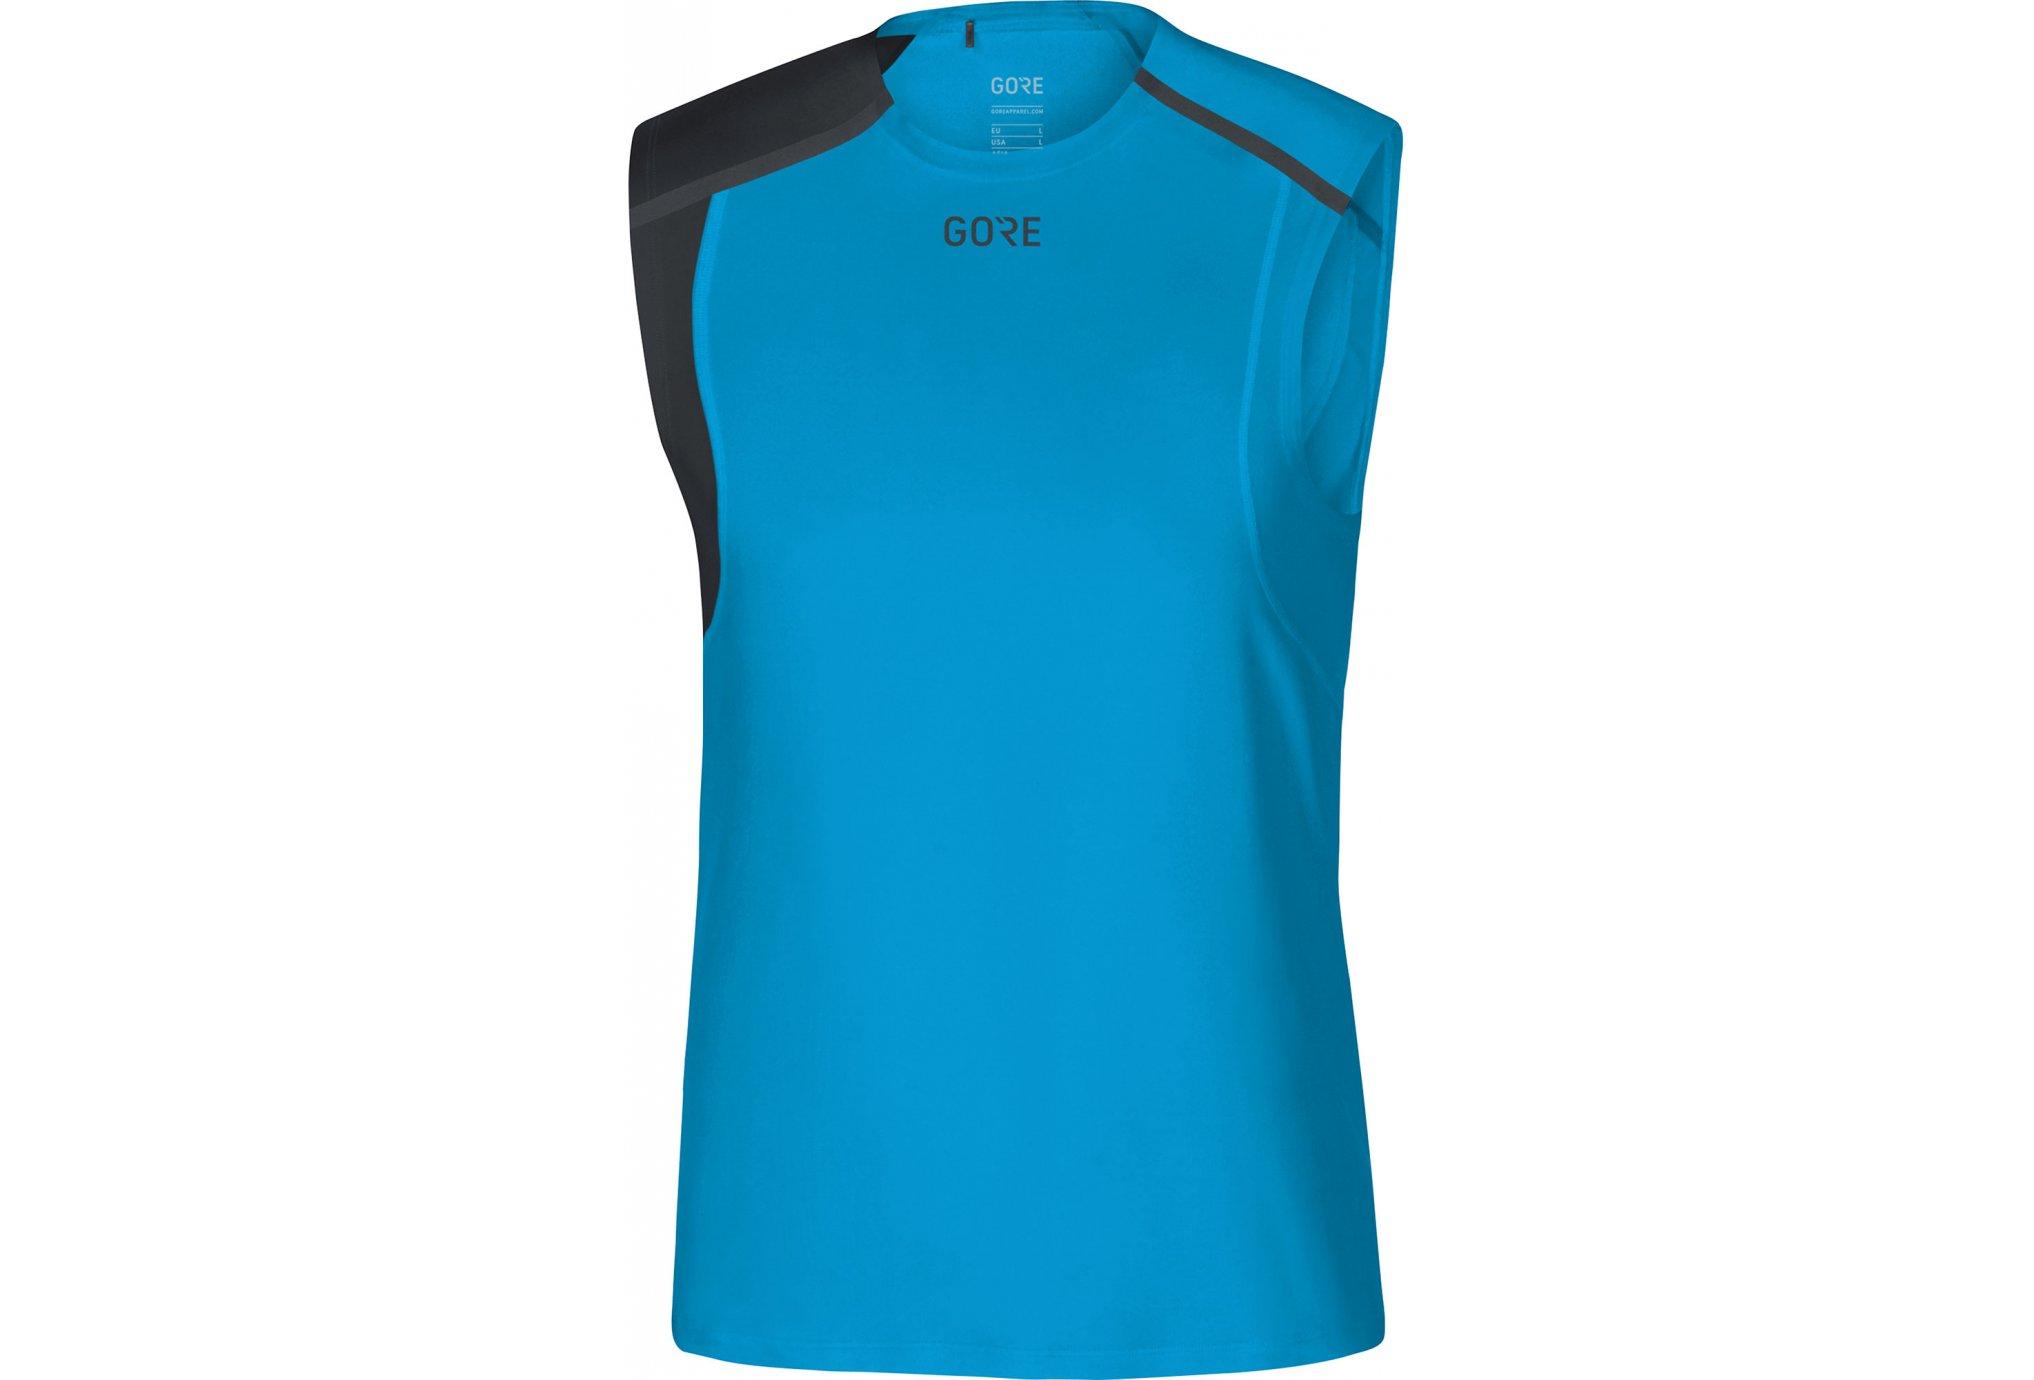 Gore Wear R7 M Diététique Vêtements homme